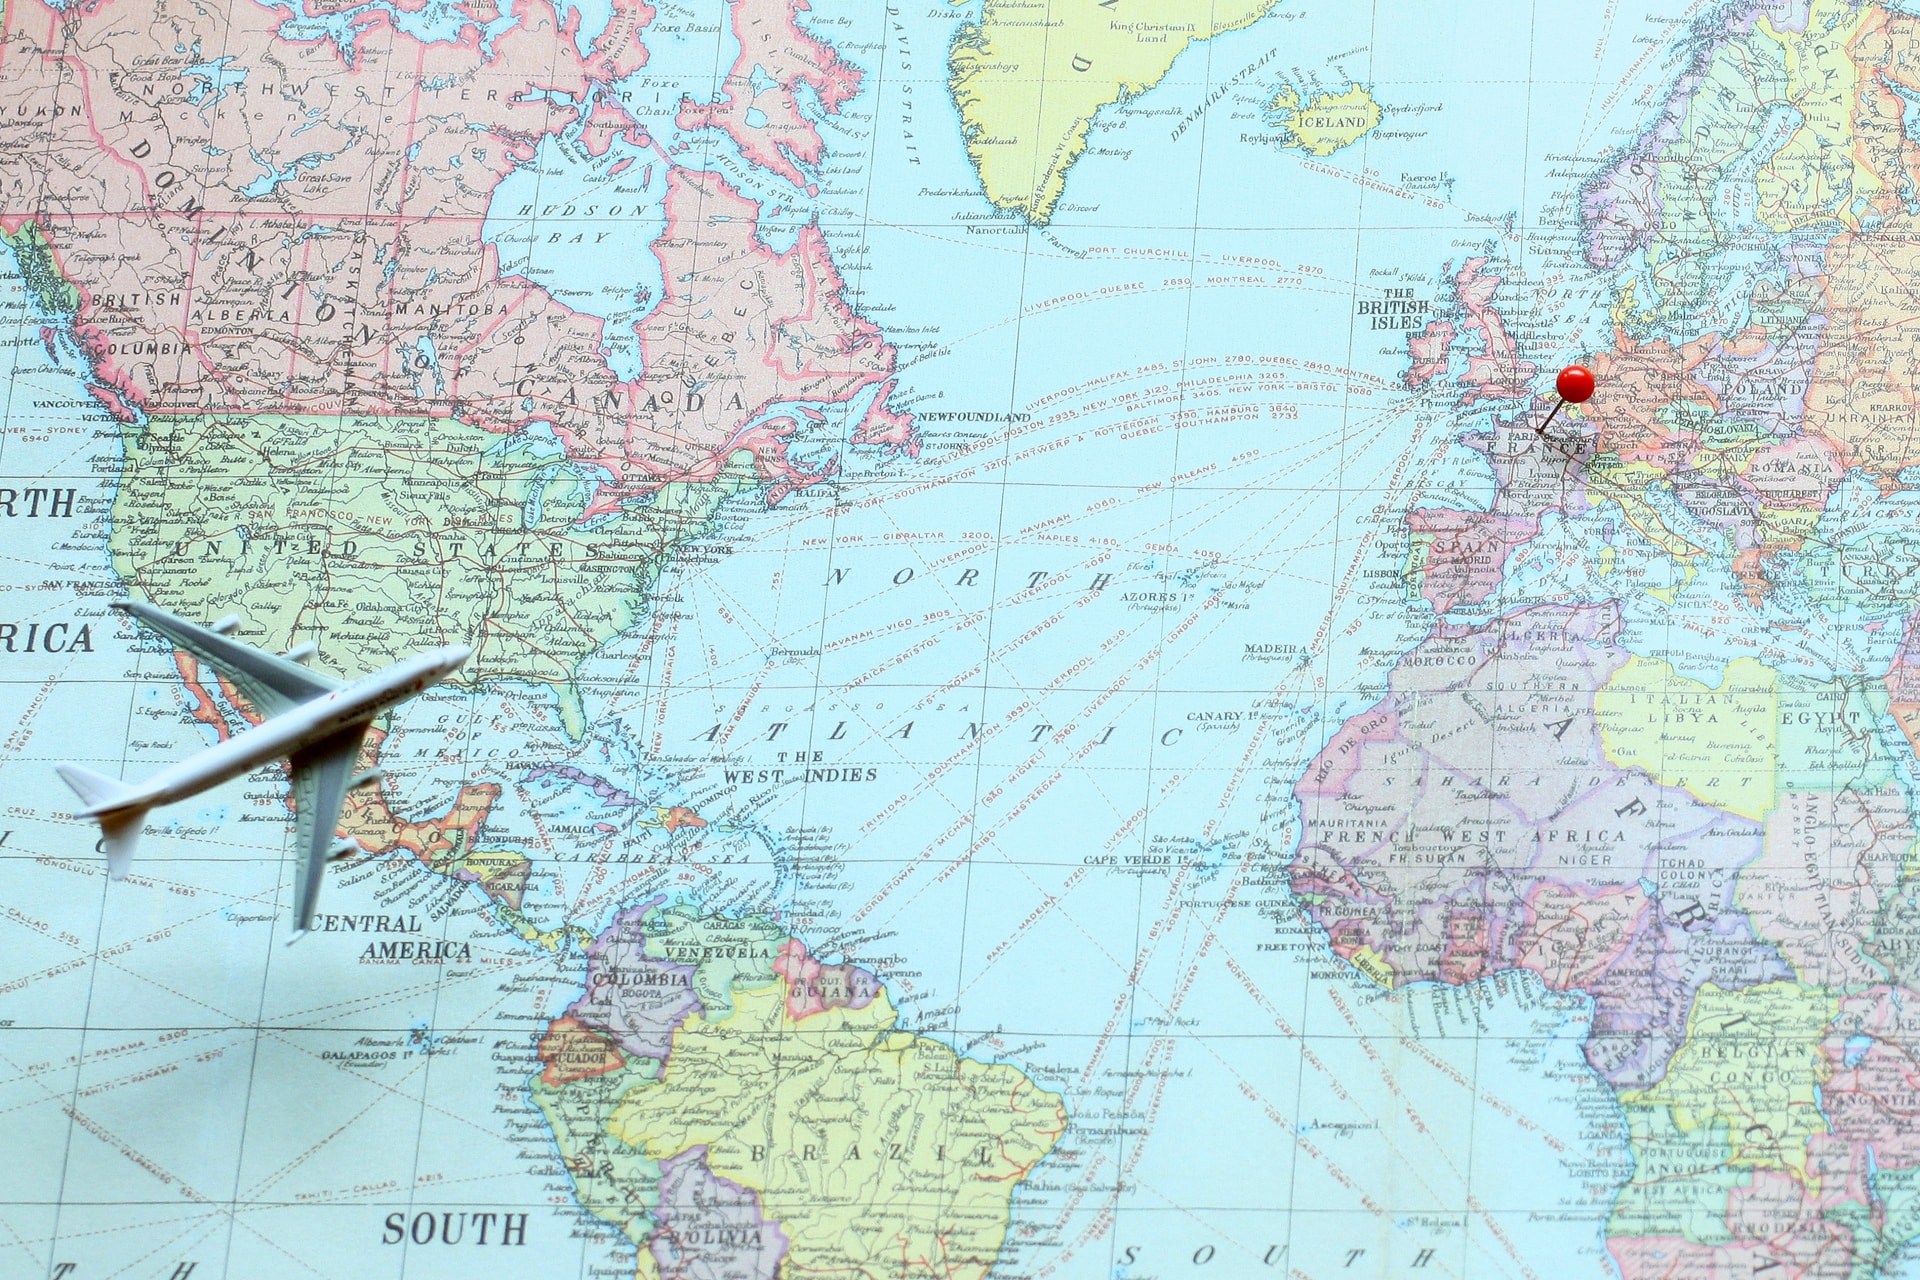 【海外旅行保険】海外旅行保険の基本的な補償内容とは